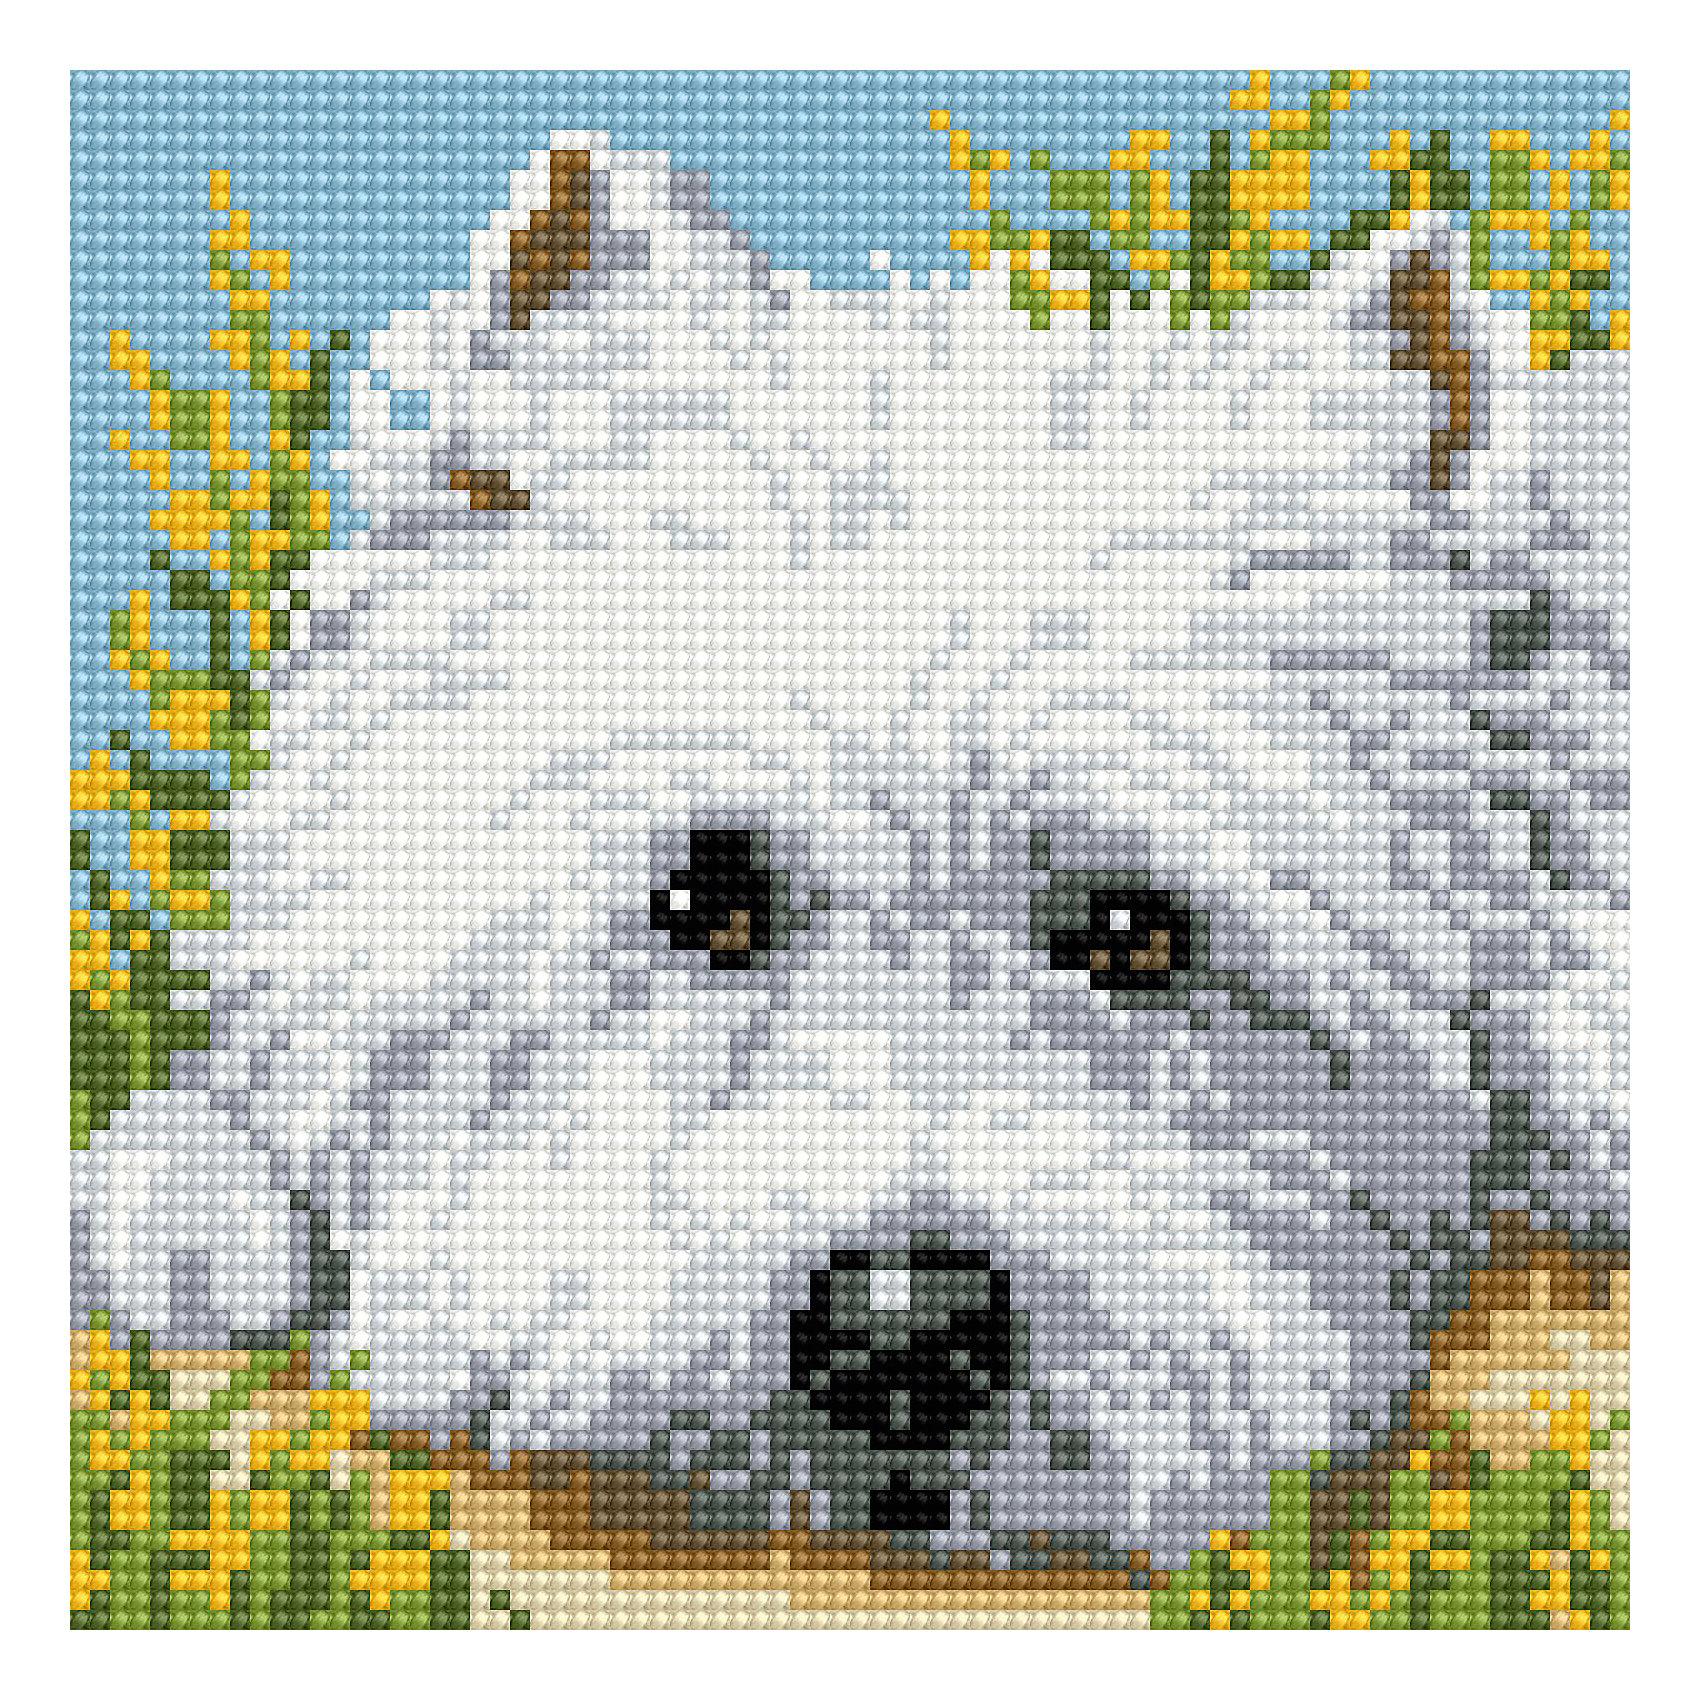 TUKZAR Алмазная мозаика по номерам Собака 20х20 см фотопанно флизелиновое divino 143 вишневый сад 143 1 036